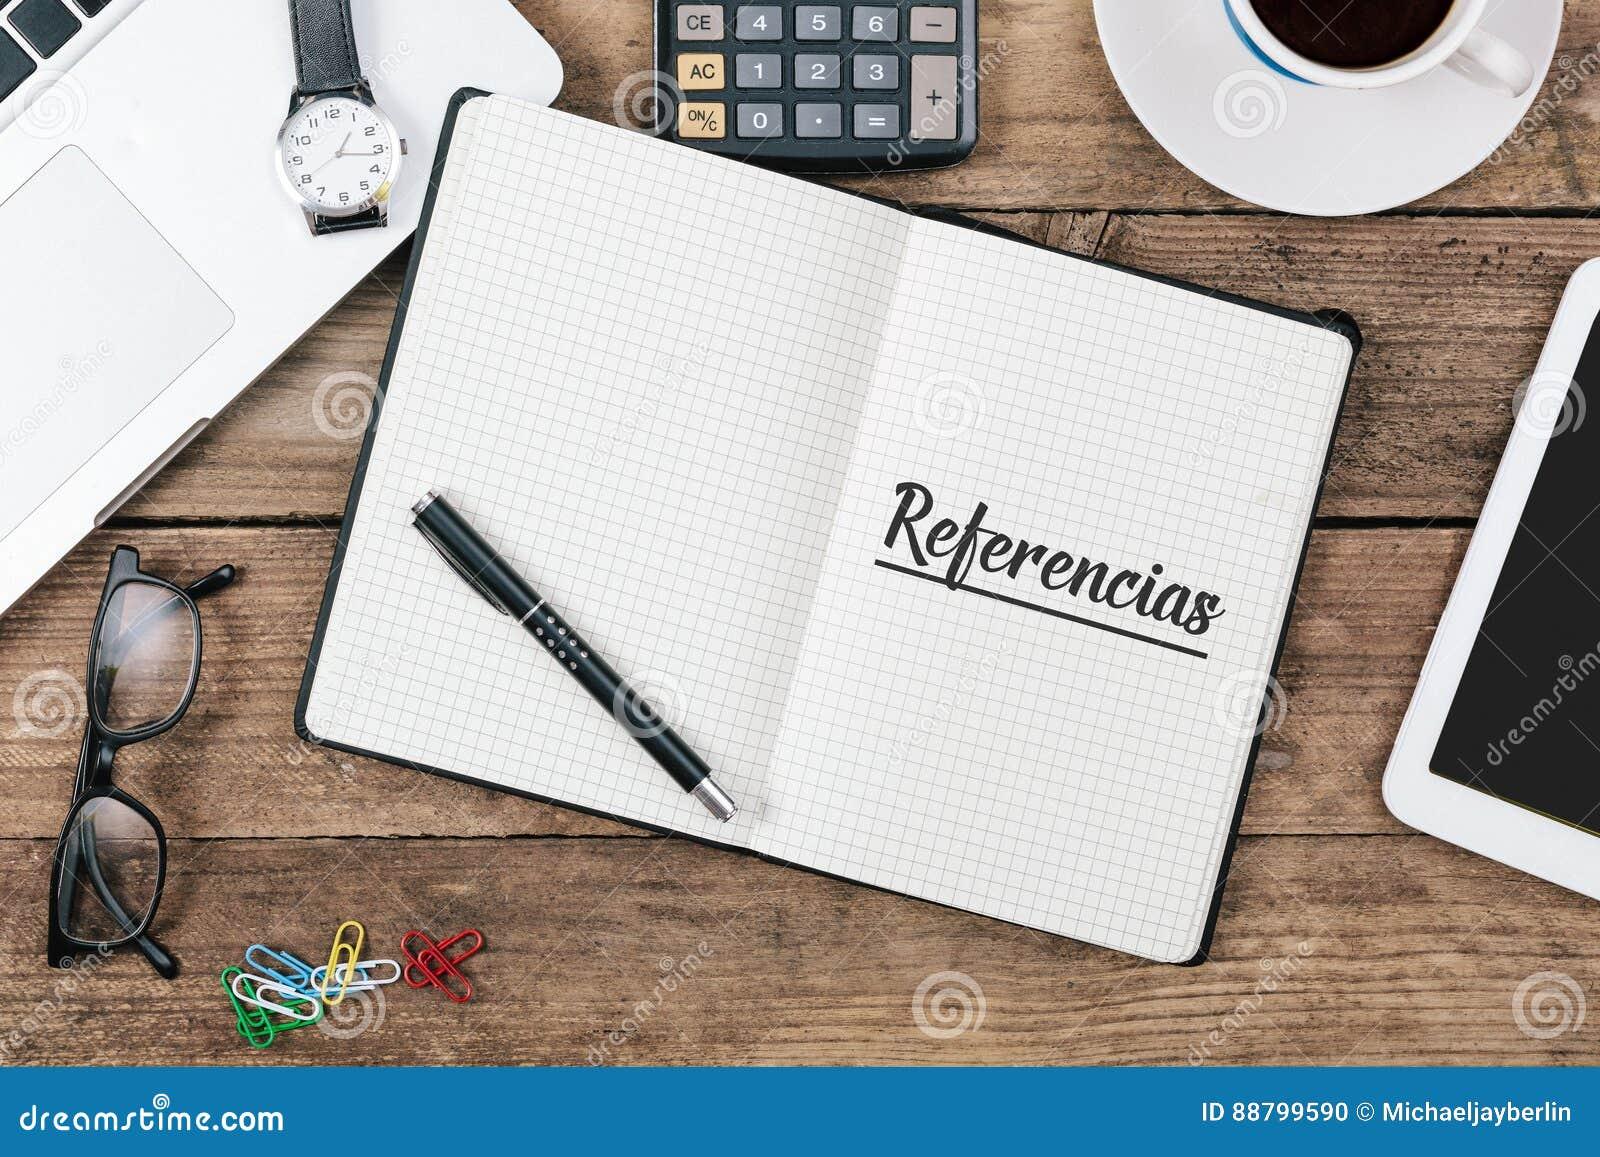 Referencias texte espagnol pour des références dans le carnet sur